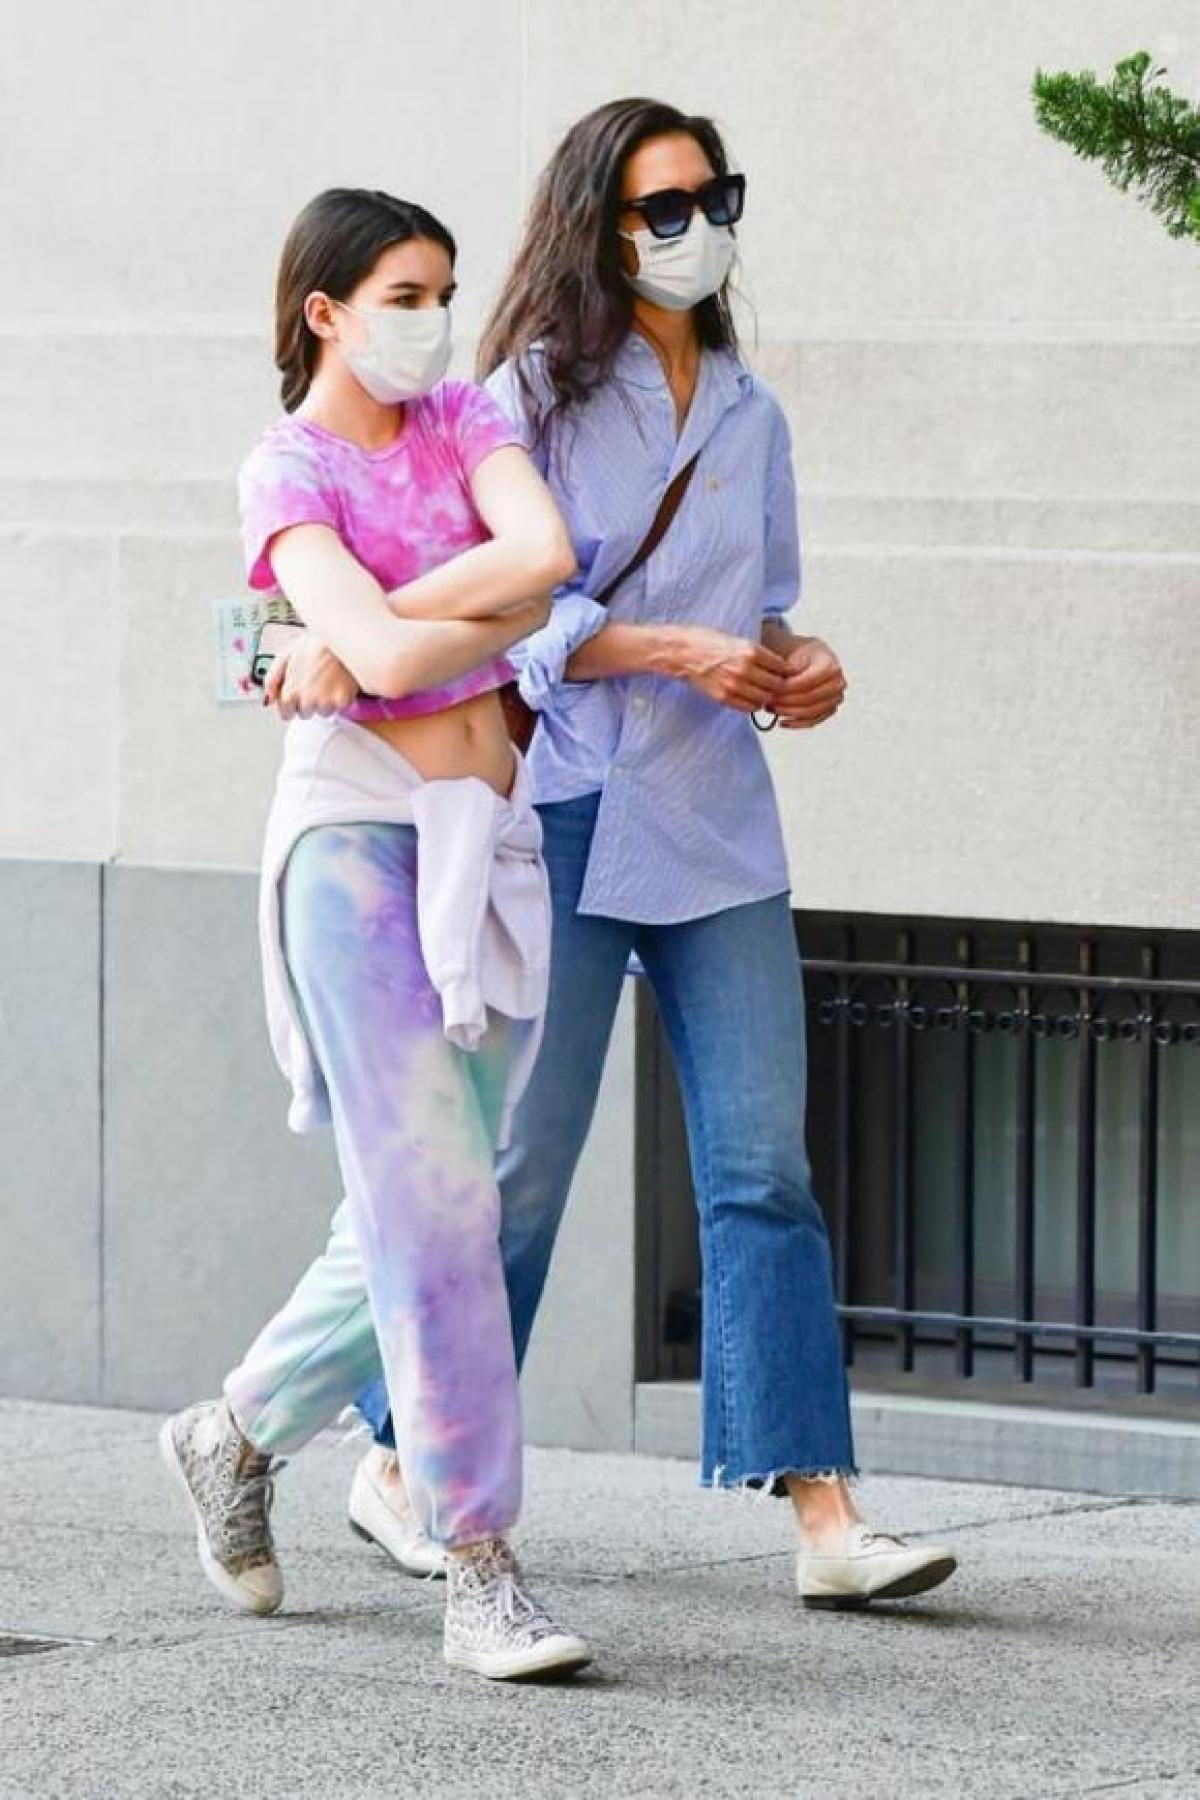 Suri thừa hưởng nhiều nét đẹp từ bố Tom Cruise và mẹ Katie Holmes.